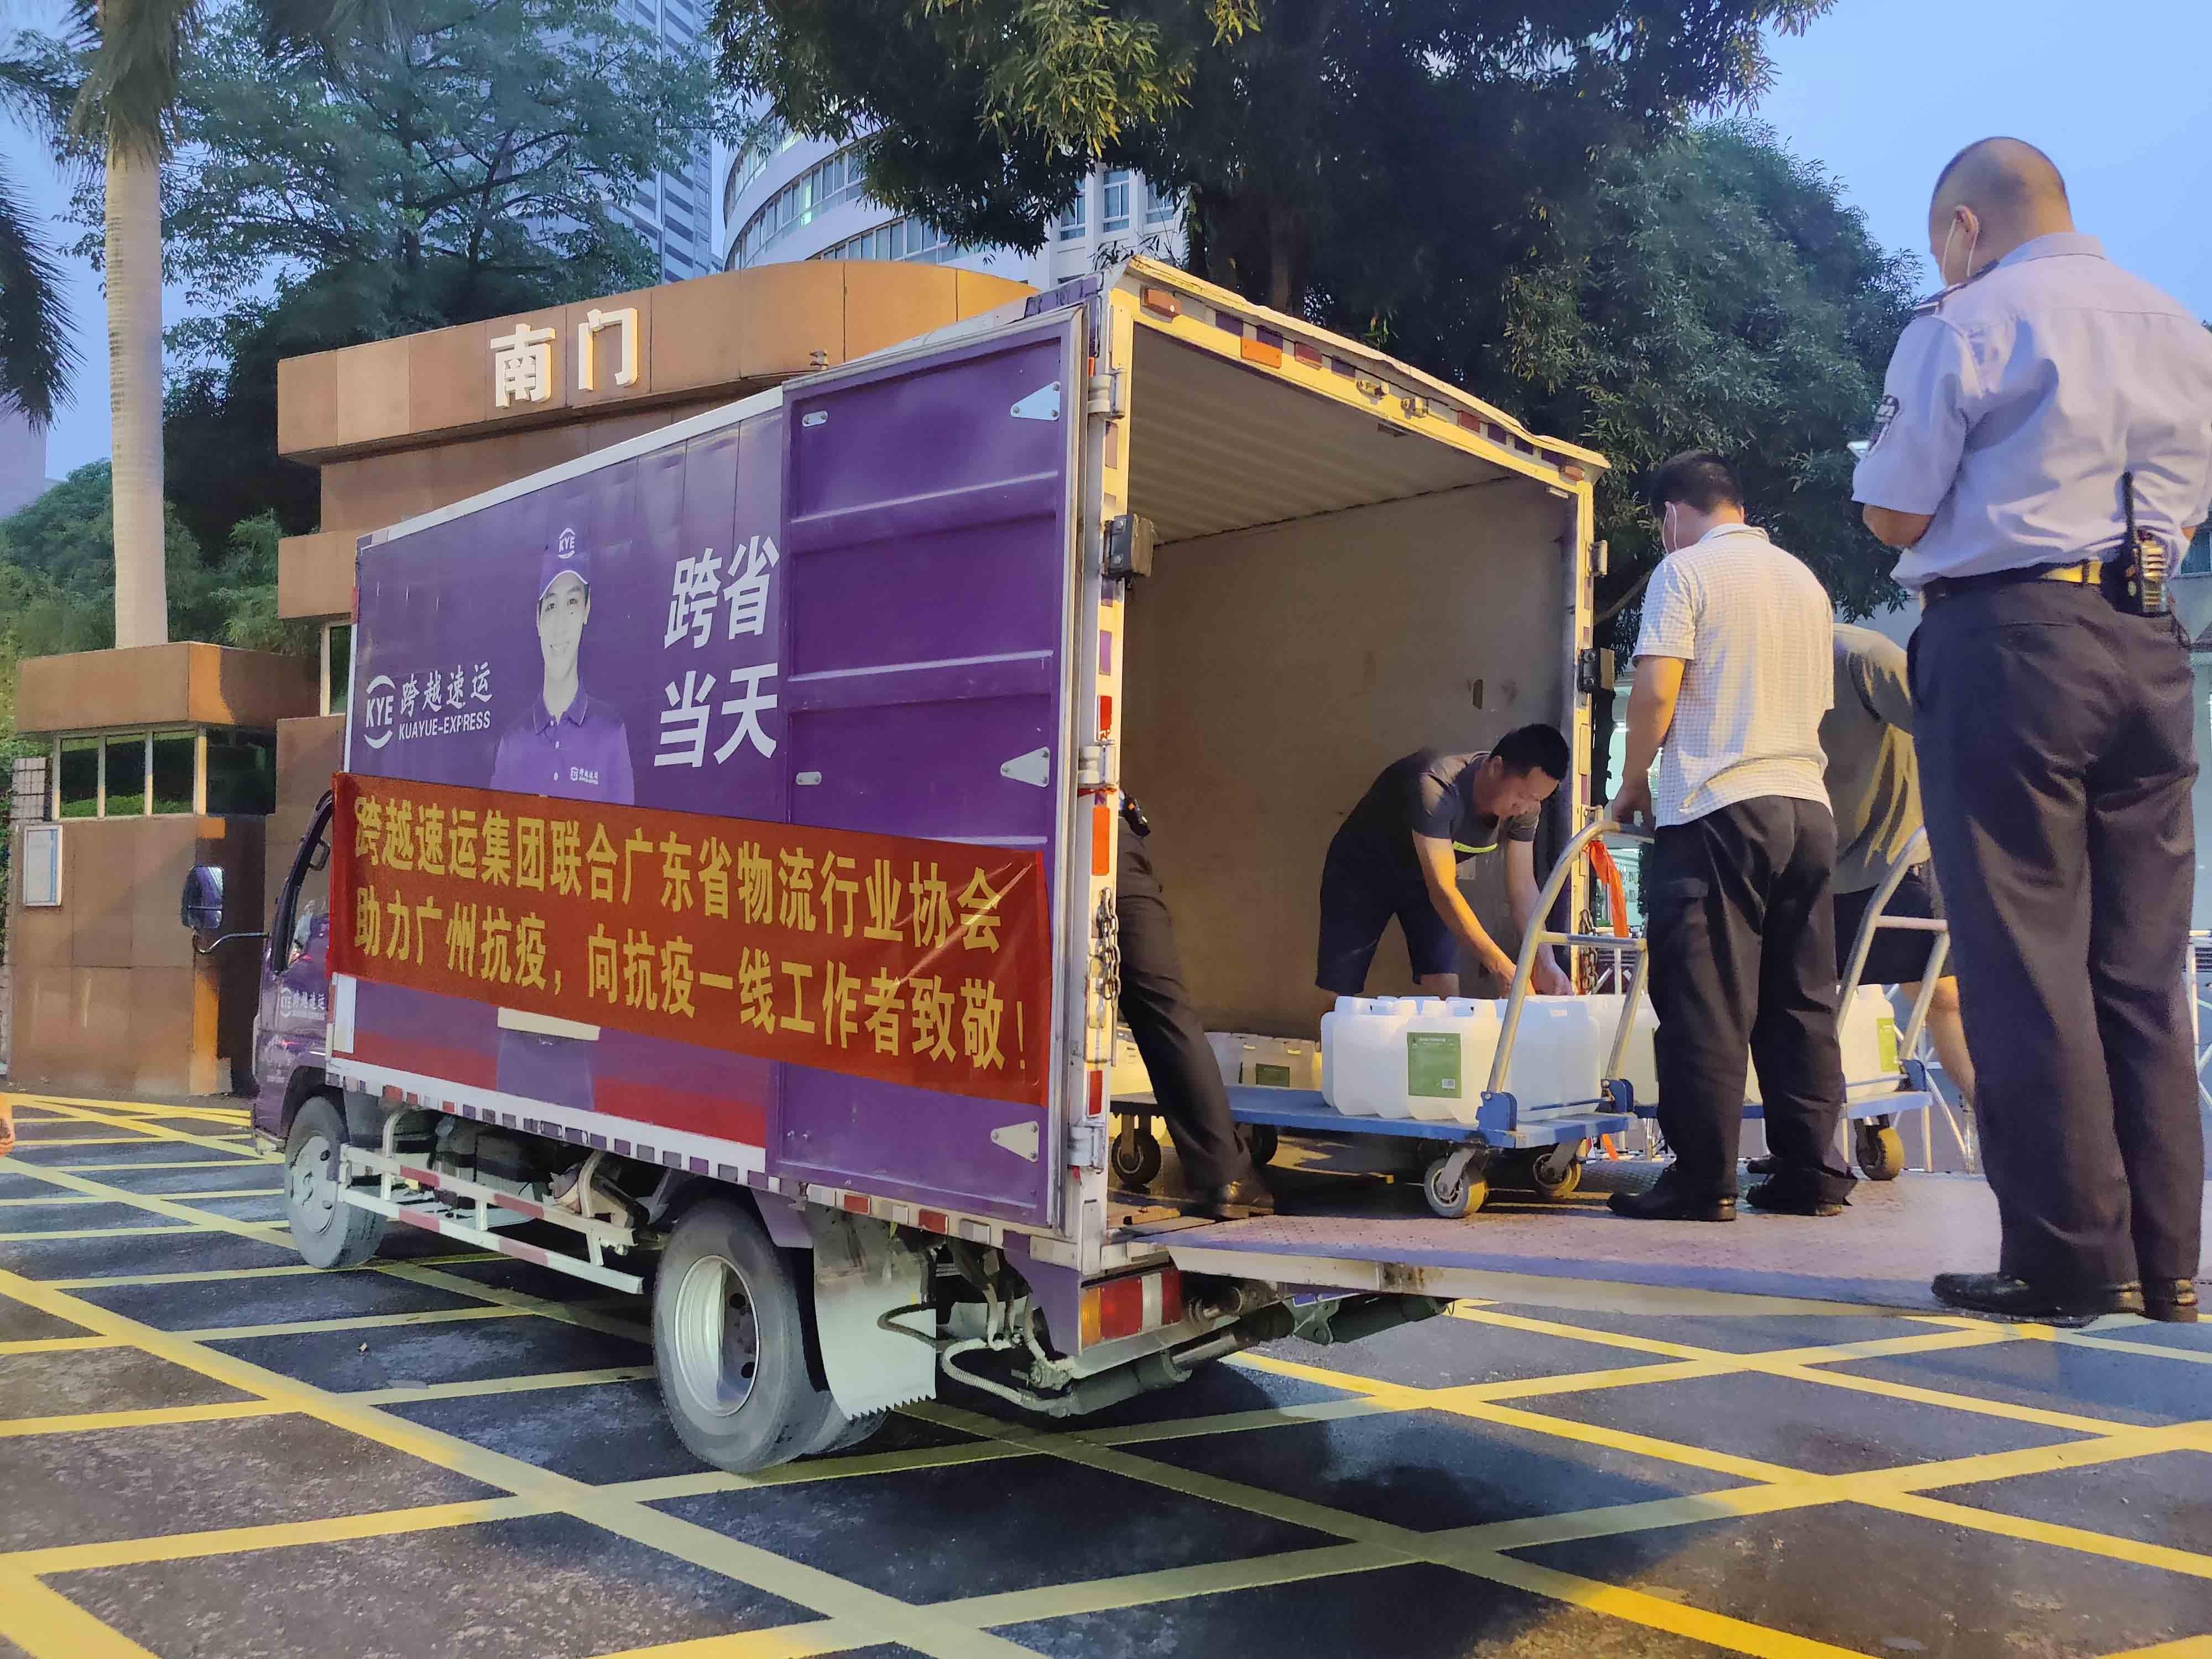 跨越速运为广东省钟南山基金会免费配送200桶水森林消毒水